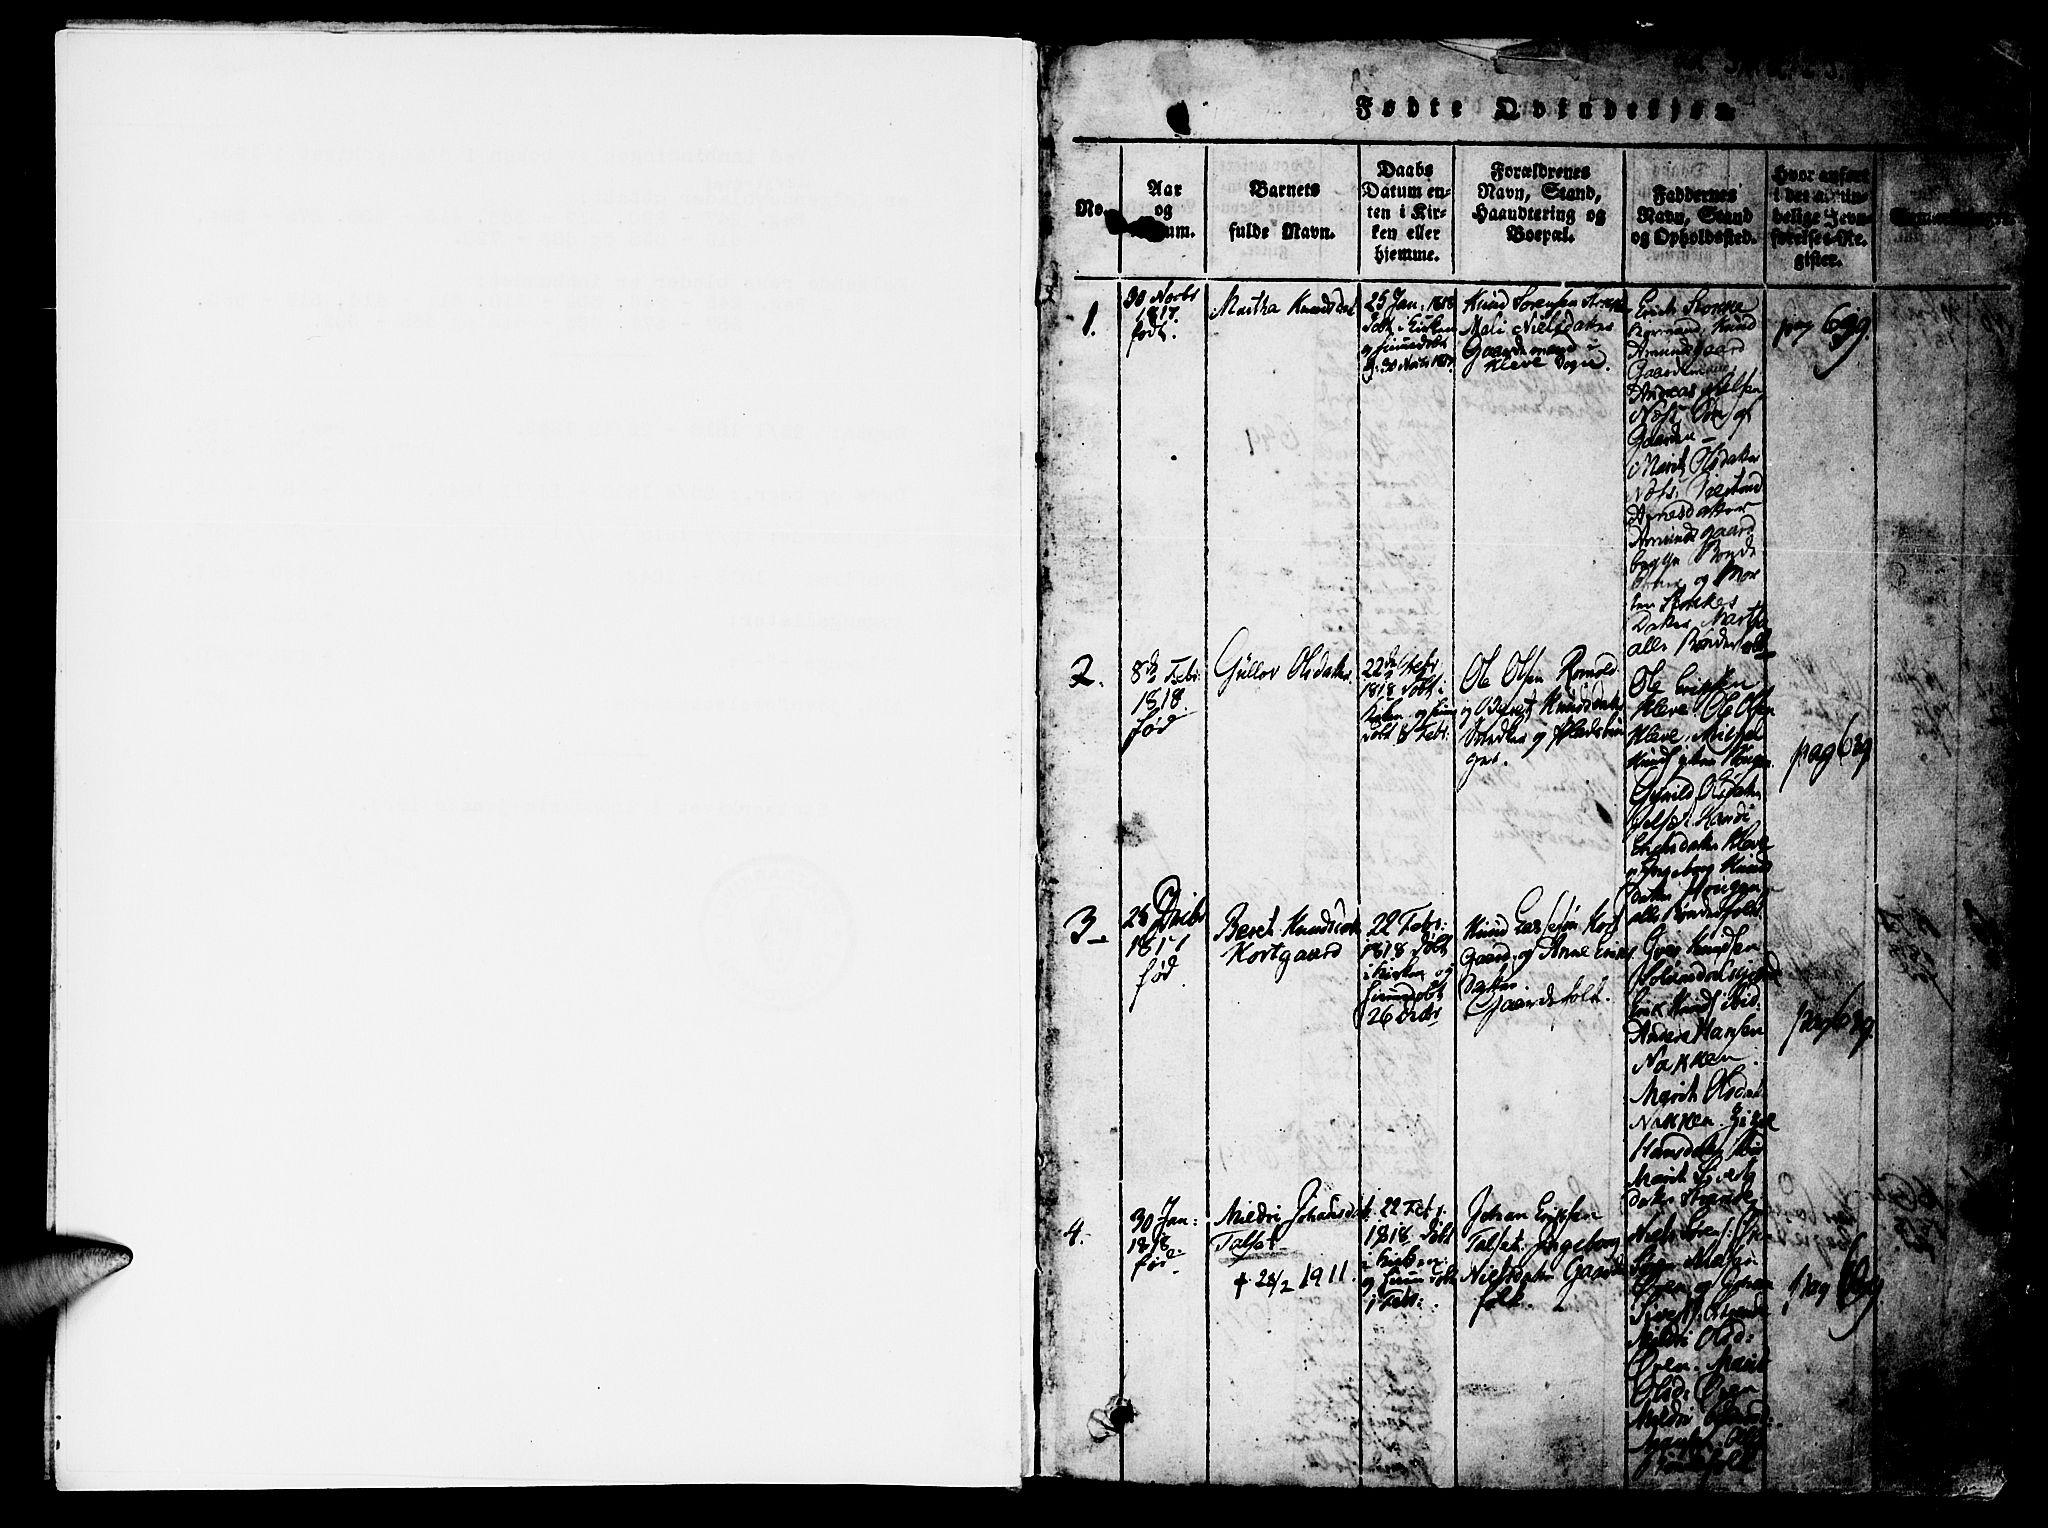 SAT, Ministerialprotokoller, klokkerbøker og fødselsregistre - Møre og Romsdal, 557/L0679: Ministerialbok nr. 557A01, 1818-1843, s. 0-1